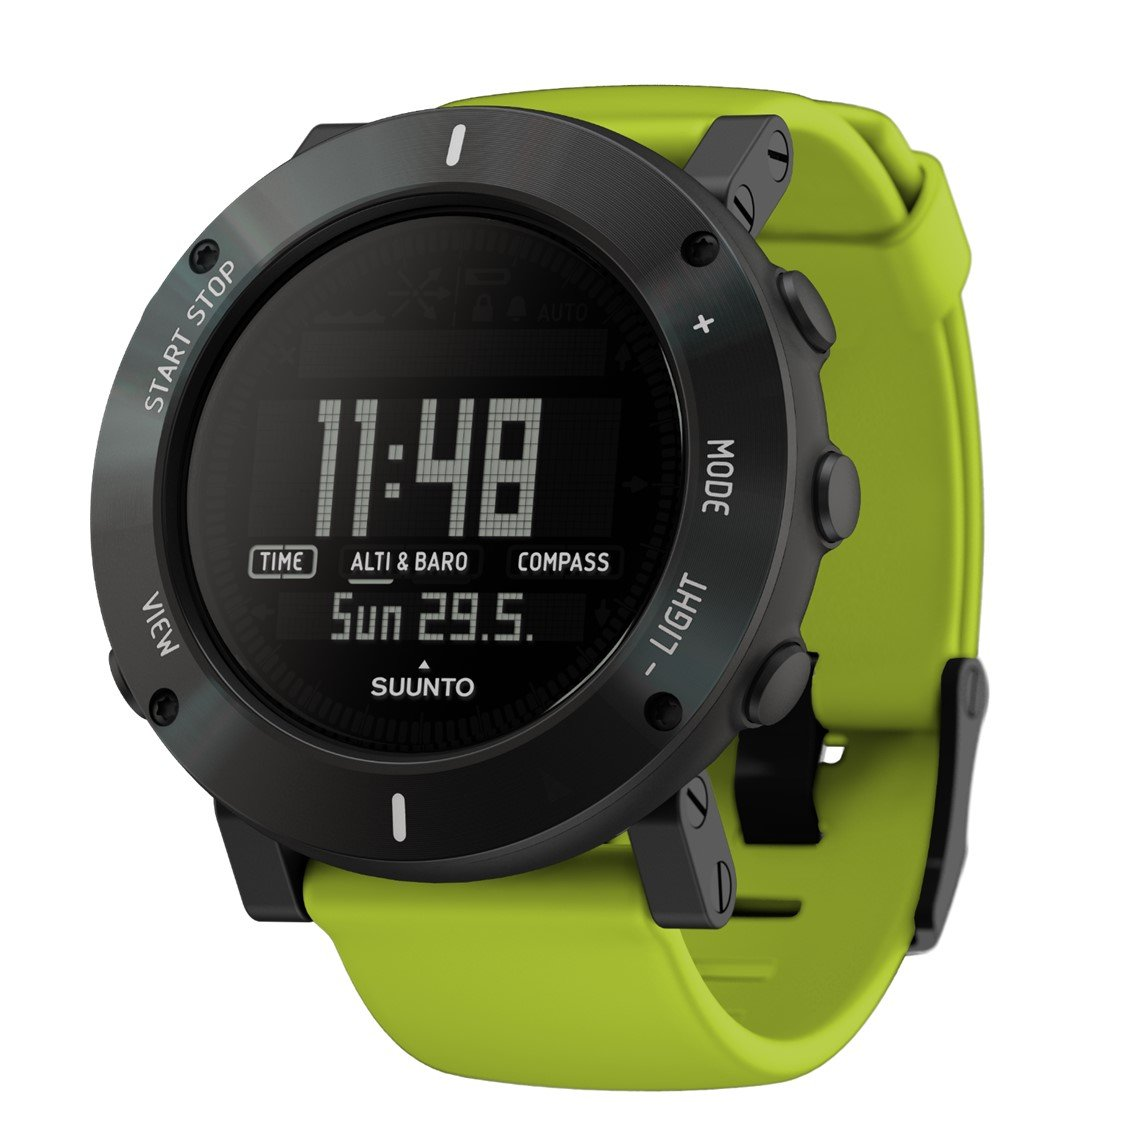 スント(SUUNTO) 腕時計 コア クラッシュ 3気圧防水 方位/高度/気圧/水深 [日本正規品 メーカー保証2年] B00MA5F6E8  ライムクラッシュ